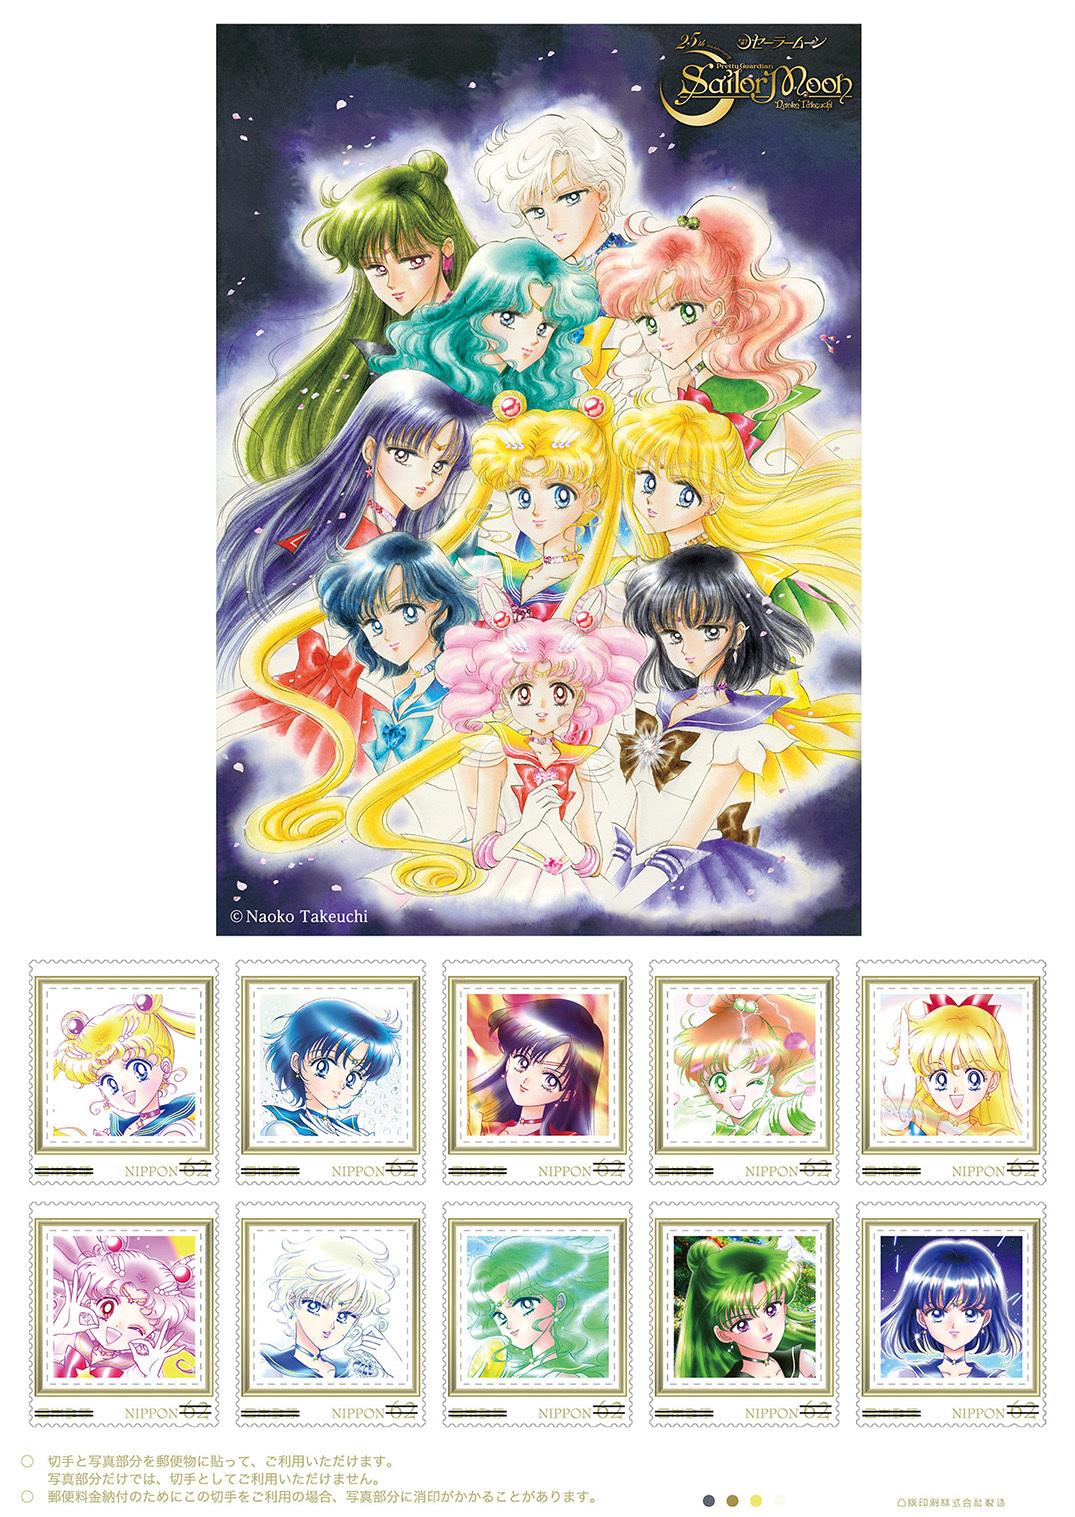 フレーム切手(62円切手(シールタイプ)10枚)×1シート (C)Naoko Takeuchi